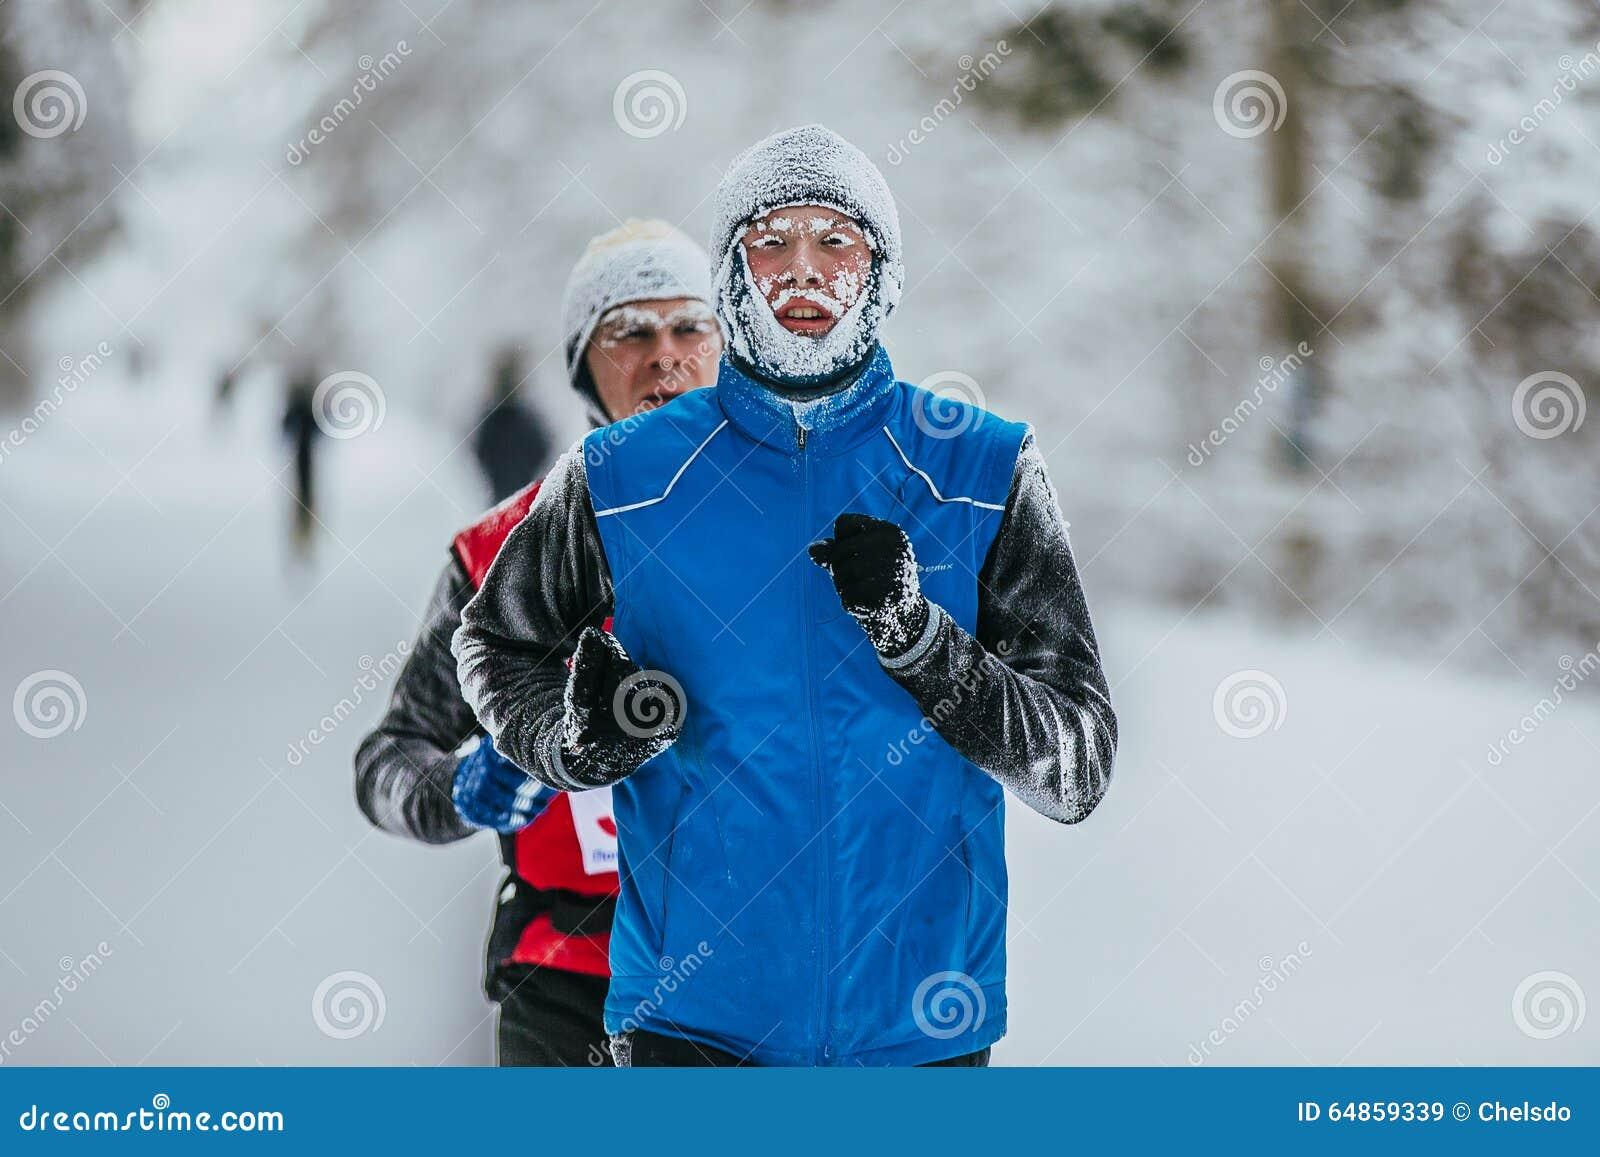 Resultado de imagen de corredor cara helada